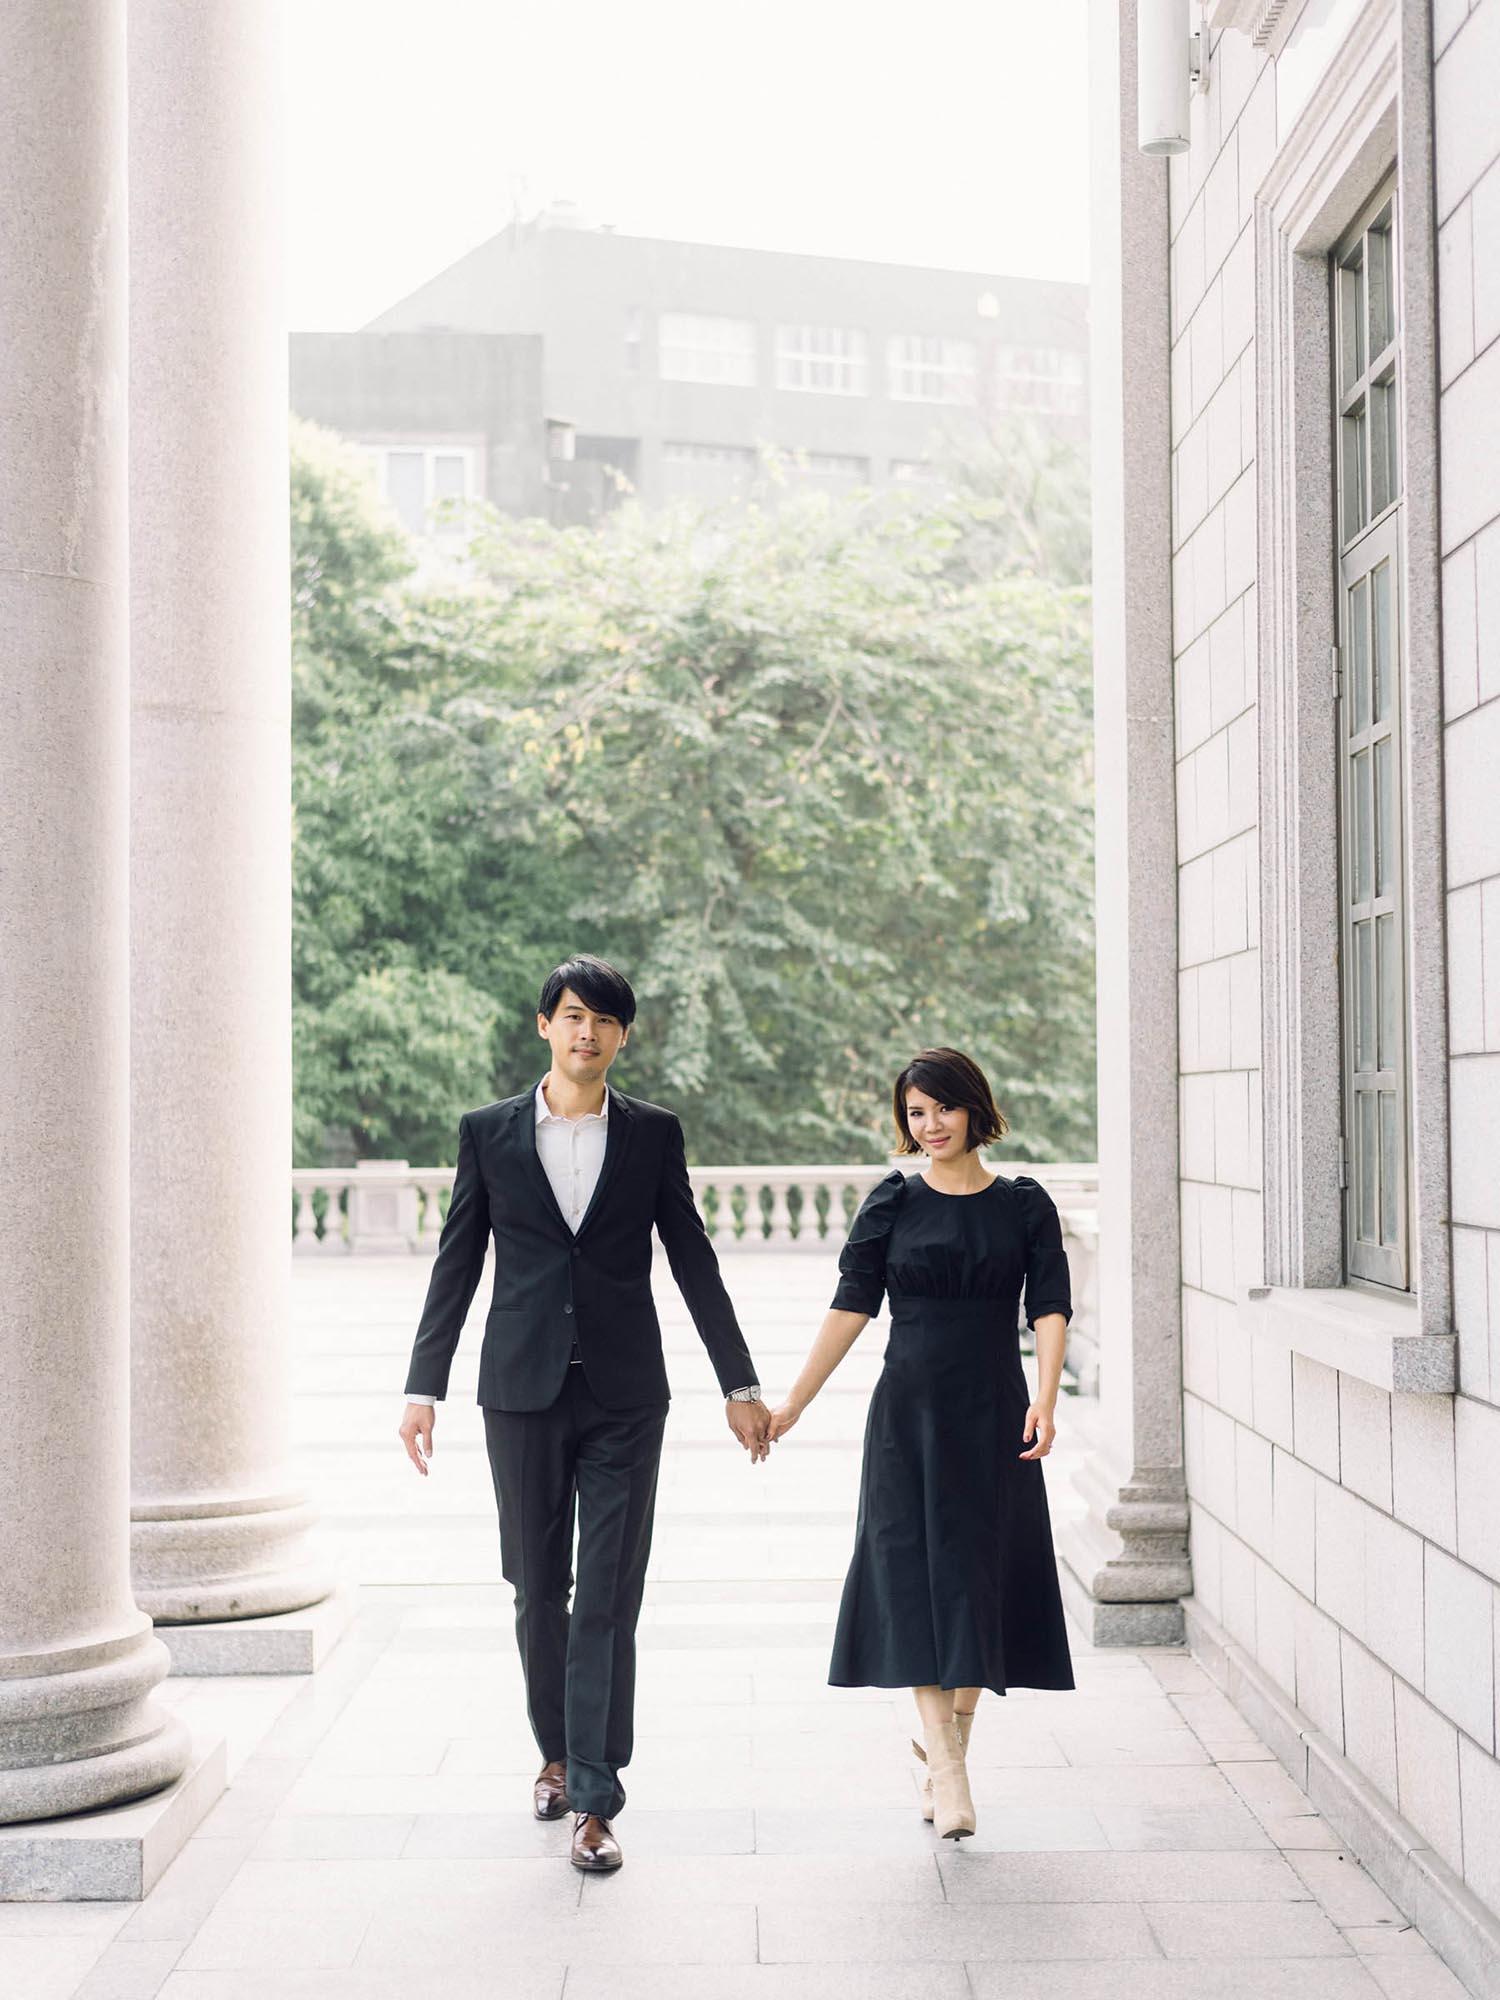 週年紀念婚紗-城市風格-吉兒梁婚禮-大同大學